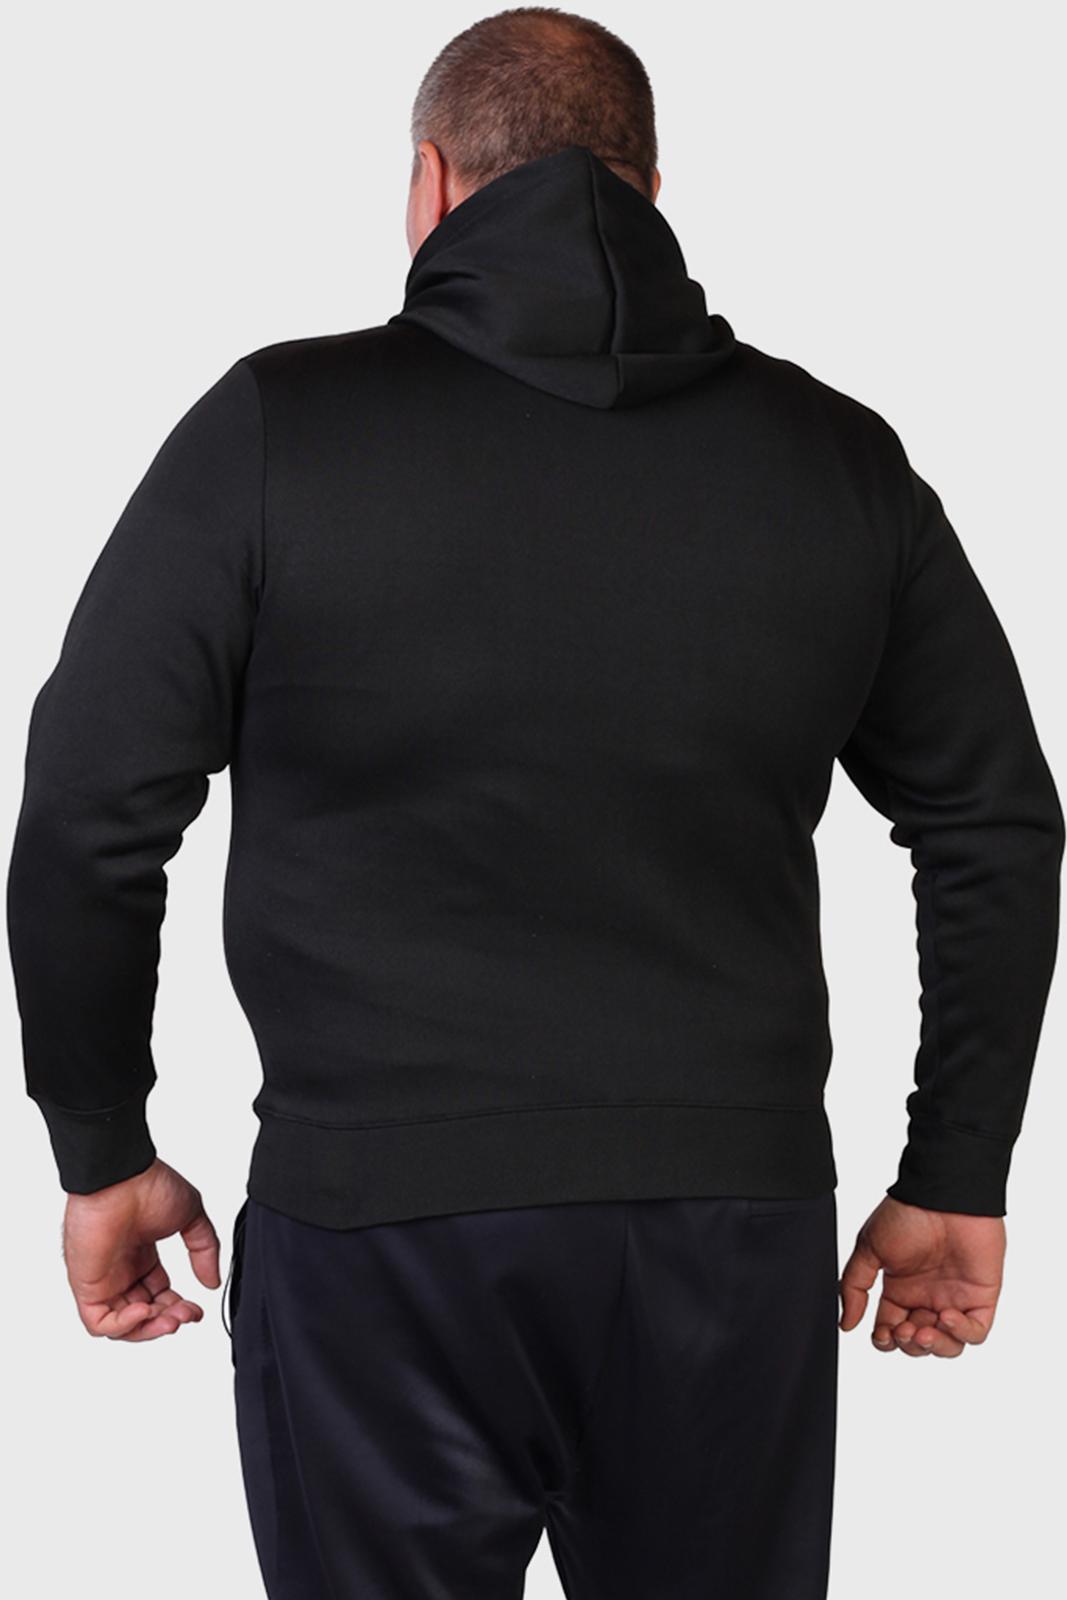 Черная толстовка с капюшоном для мужчин